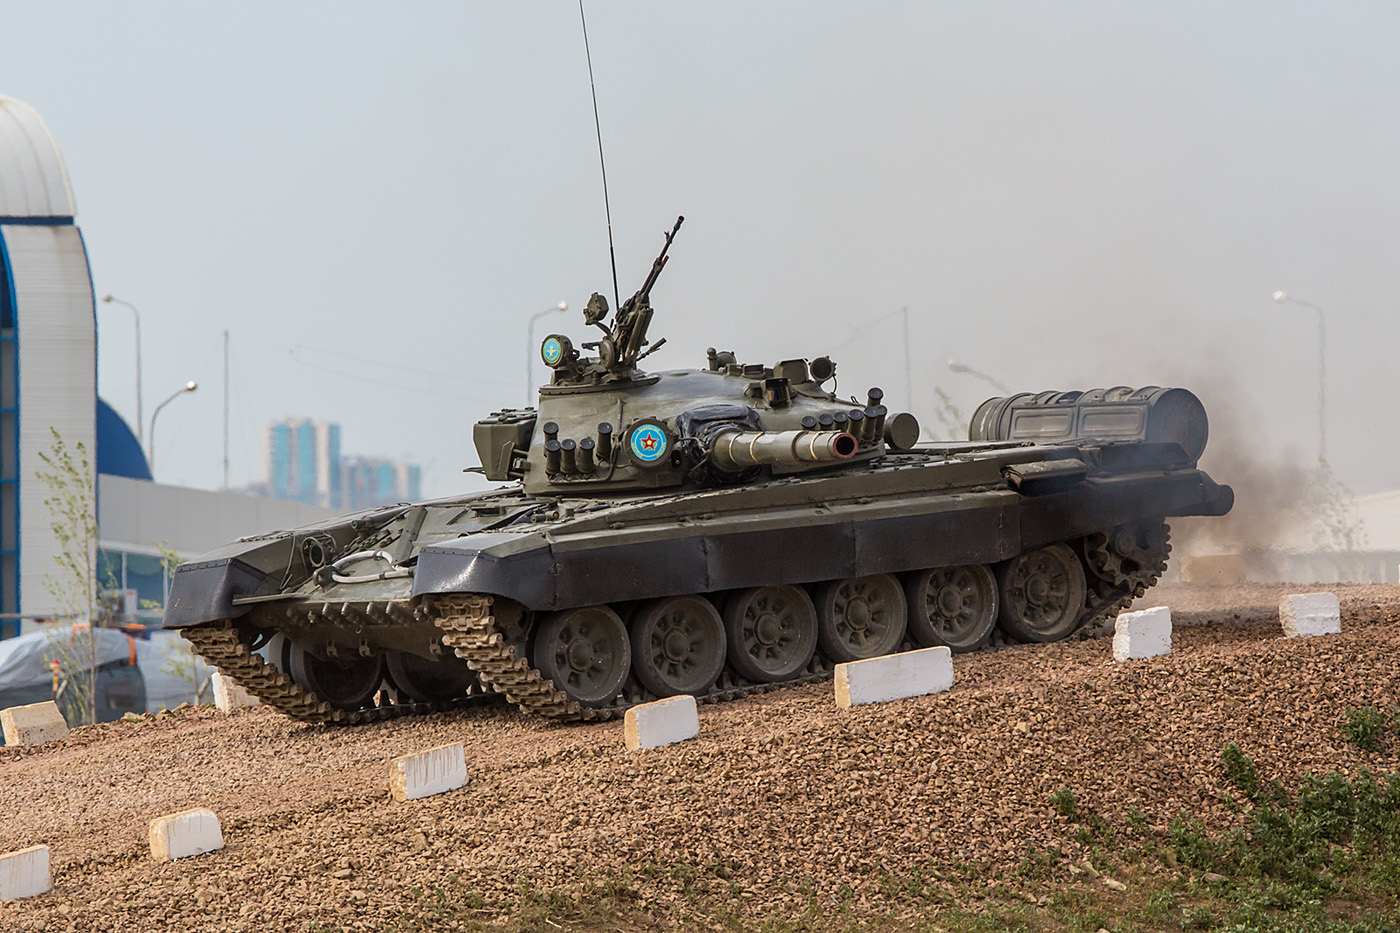 Der T-72 im Gelände.